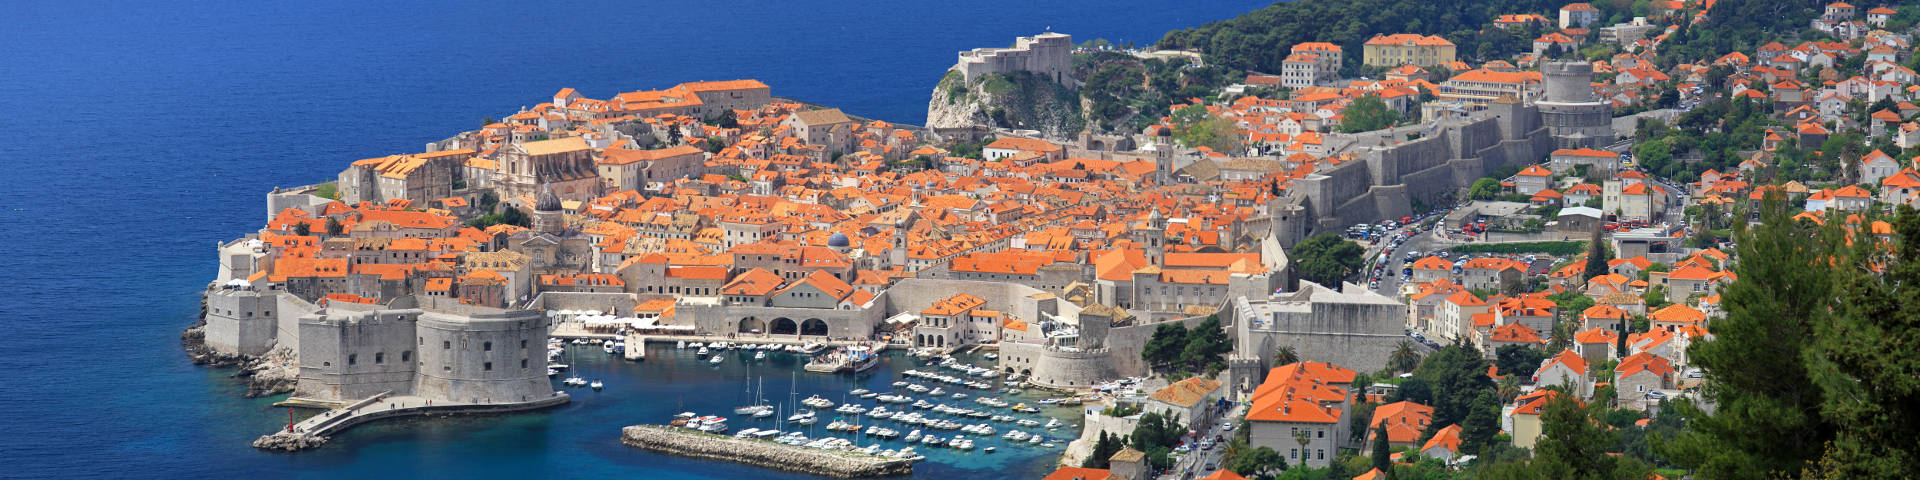 Dubrovnik cityscape hero banner